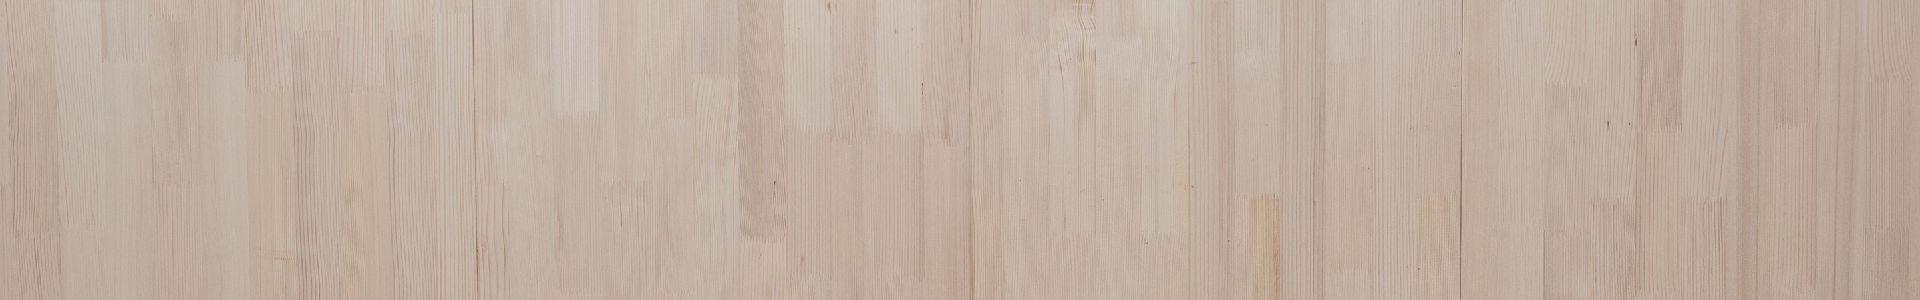 Holzbauelemente